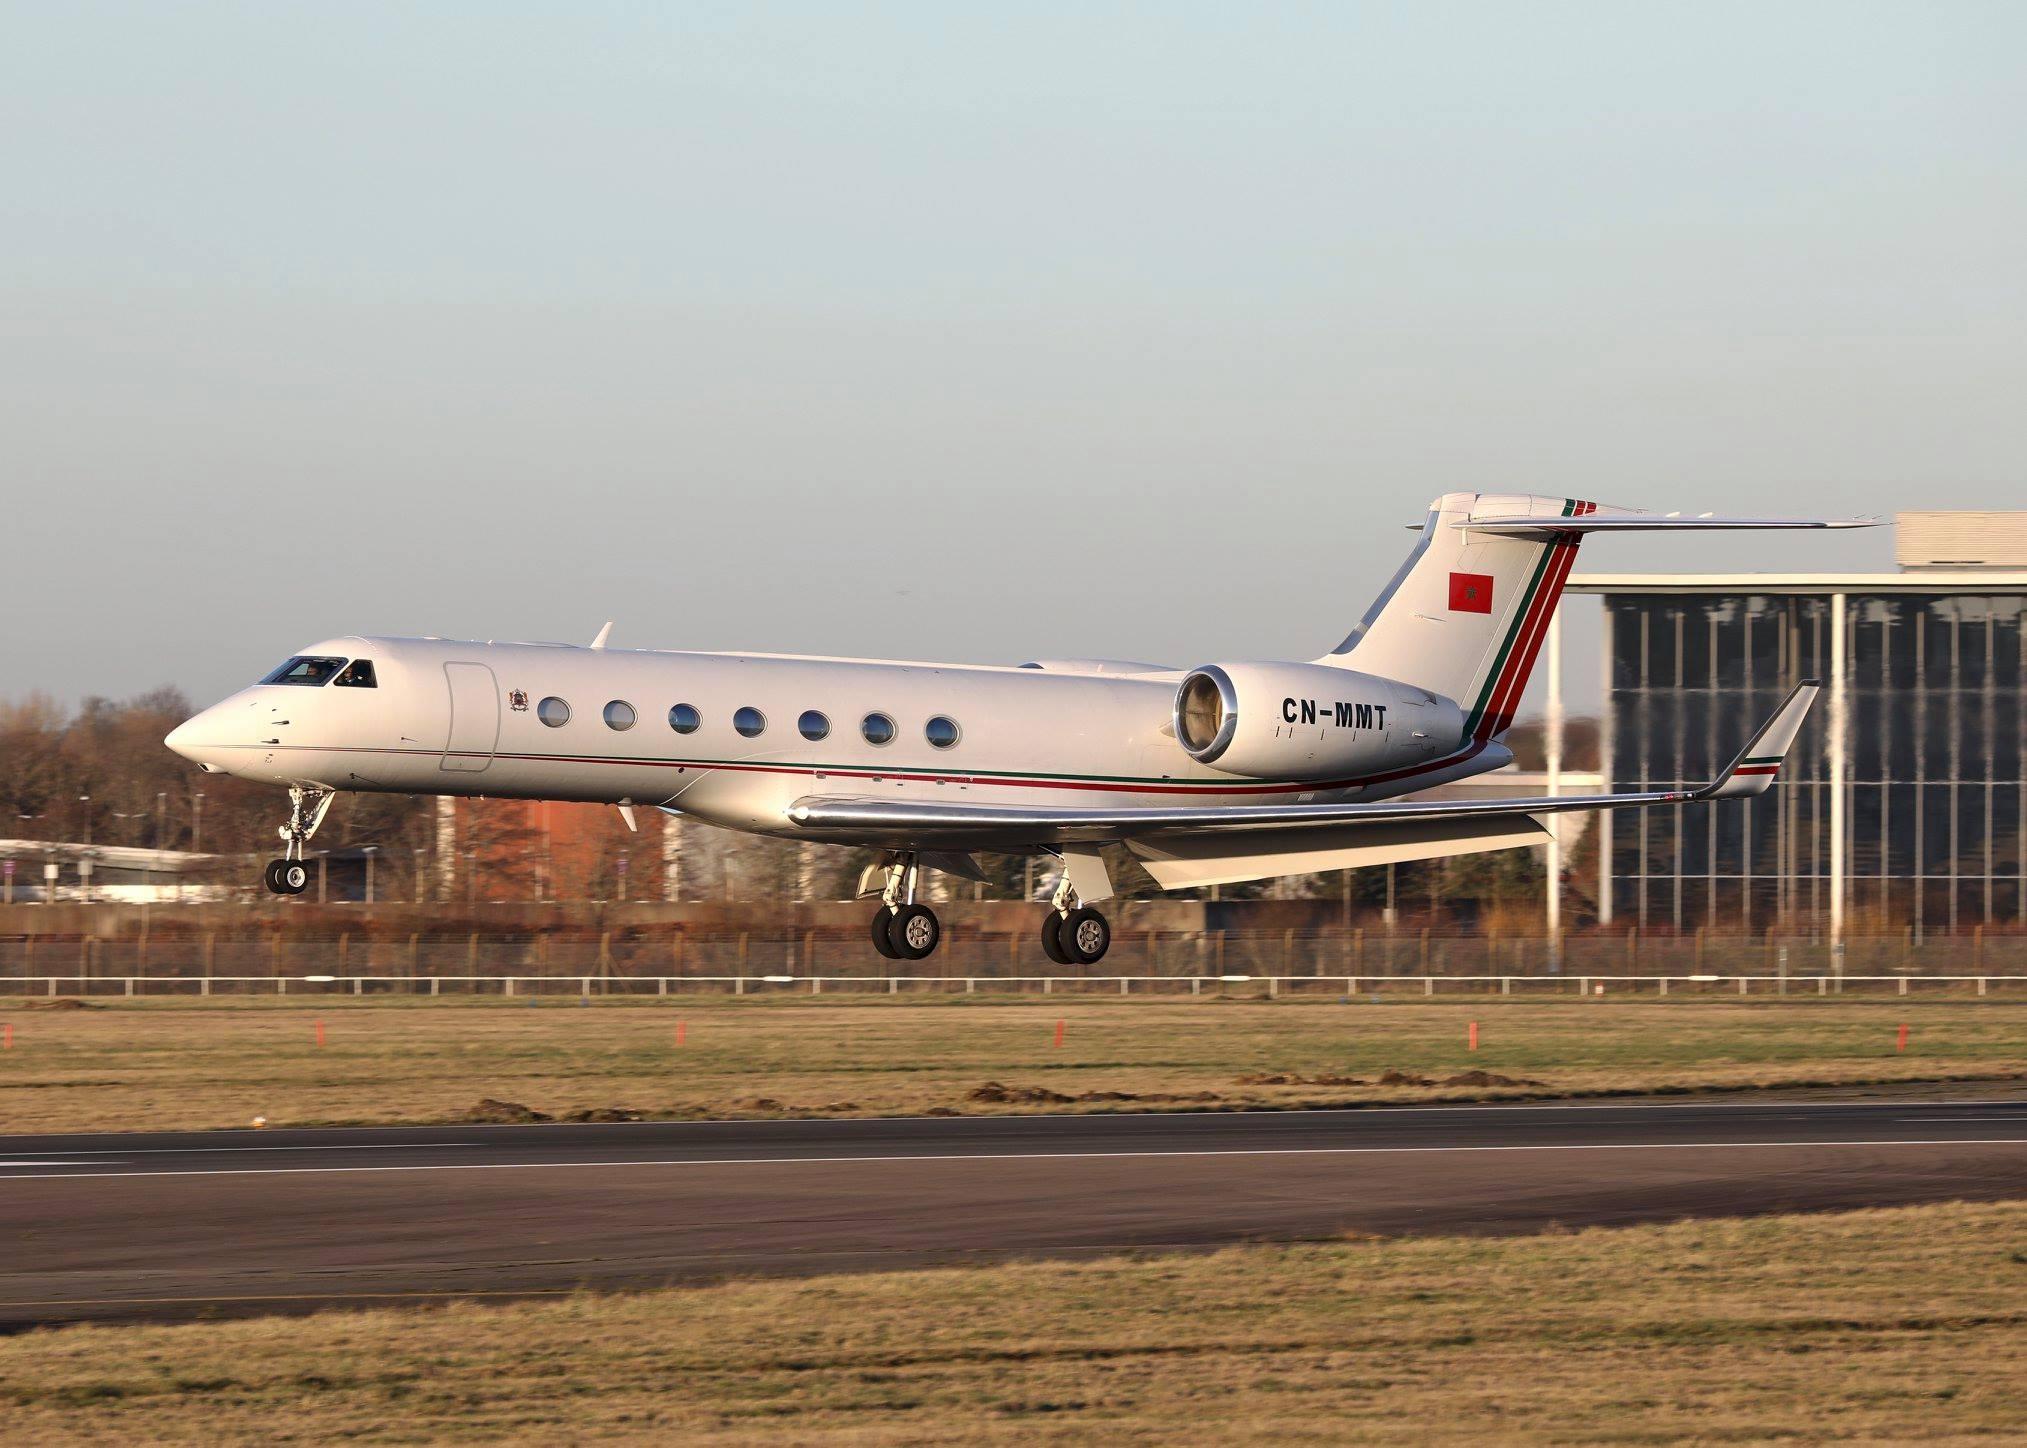 FRA: Avions VIP, Liaison & ECM - Page 24 Cn-mmt10